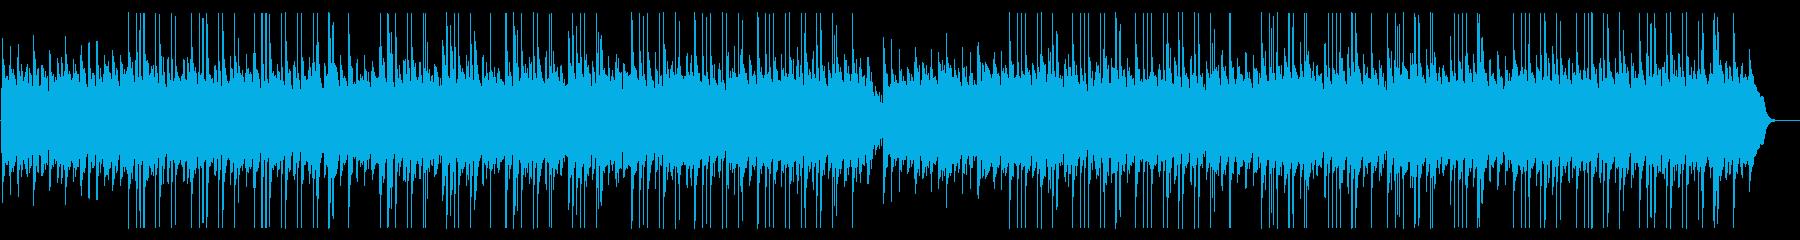 おだやかな海のような三線の沖縄BGMの再生済みの波形